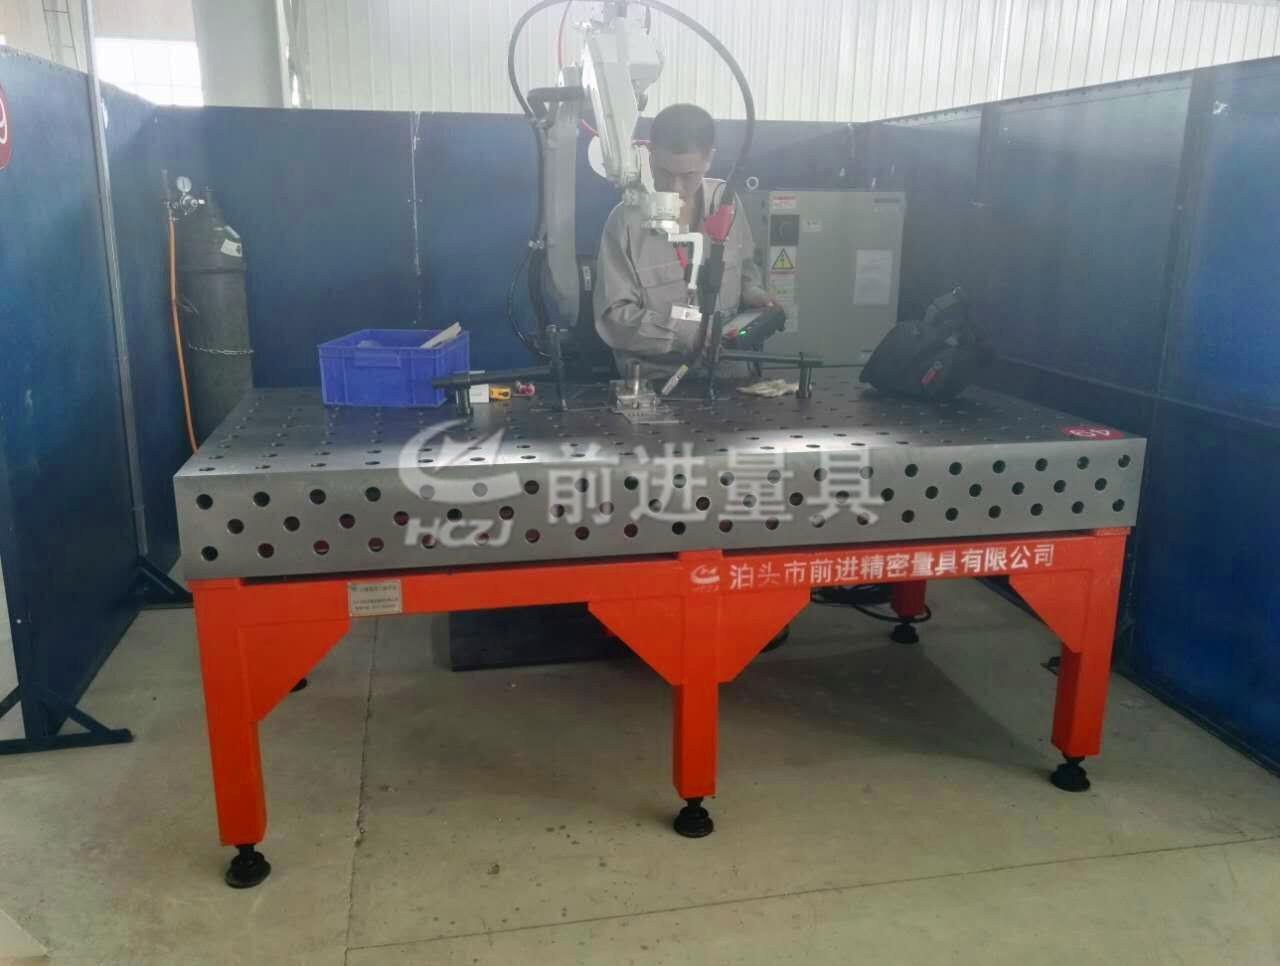 为松下机器人提供的三维平台及三维柔性组合焊接工装系统